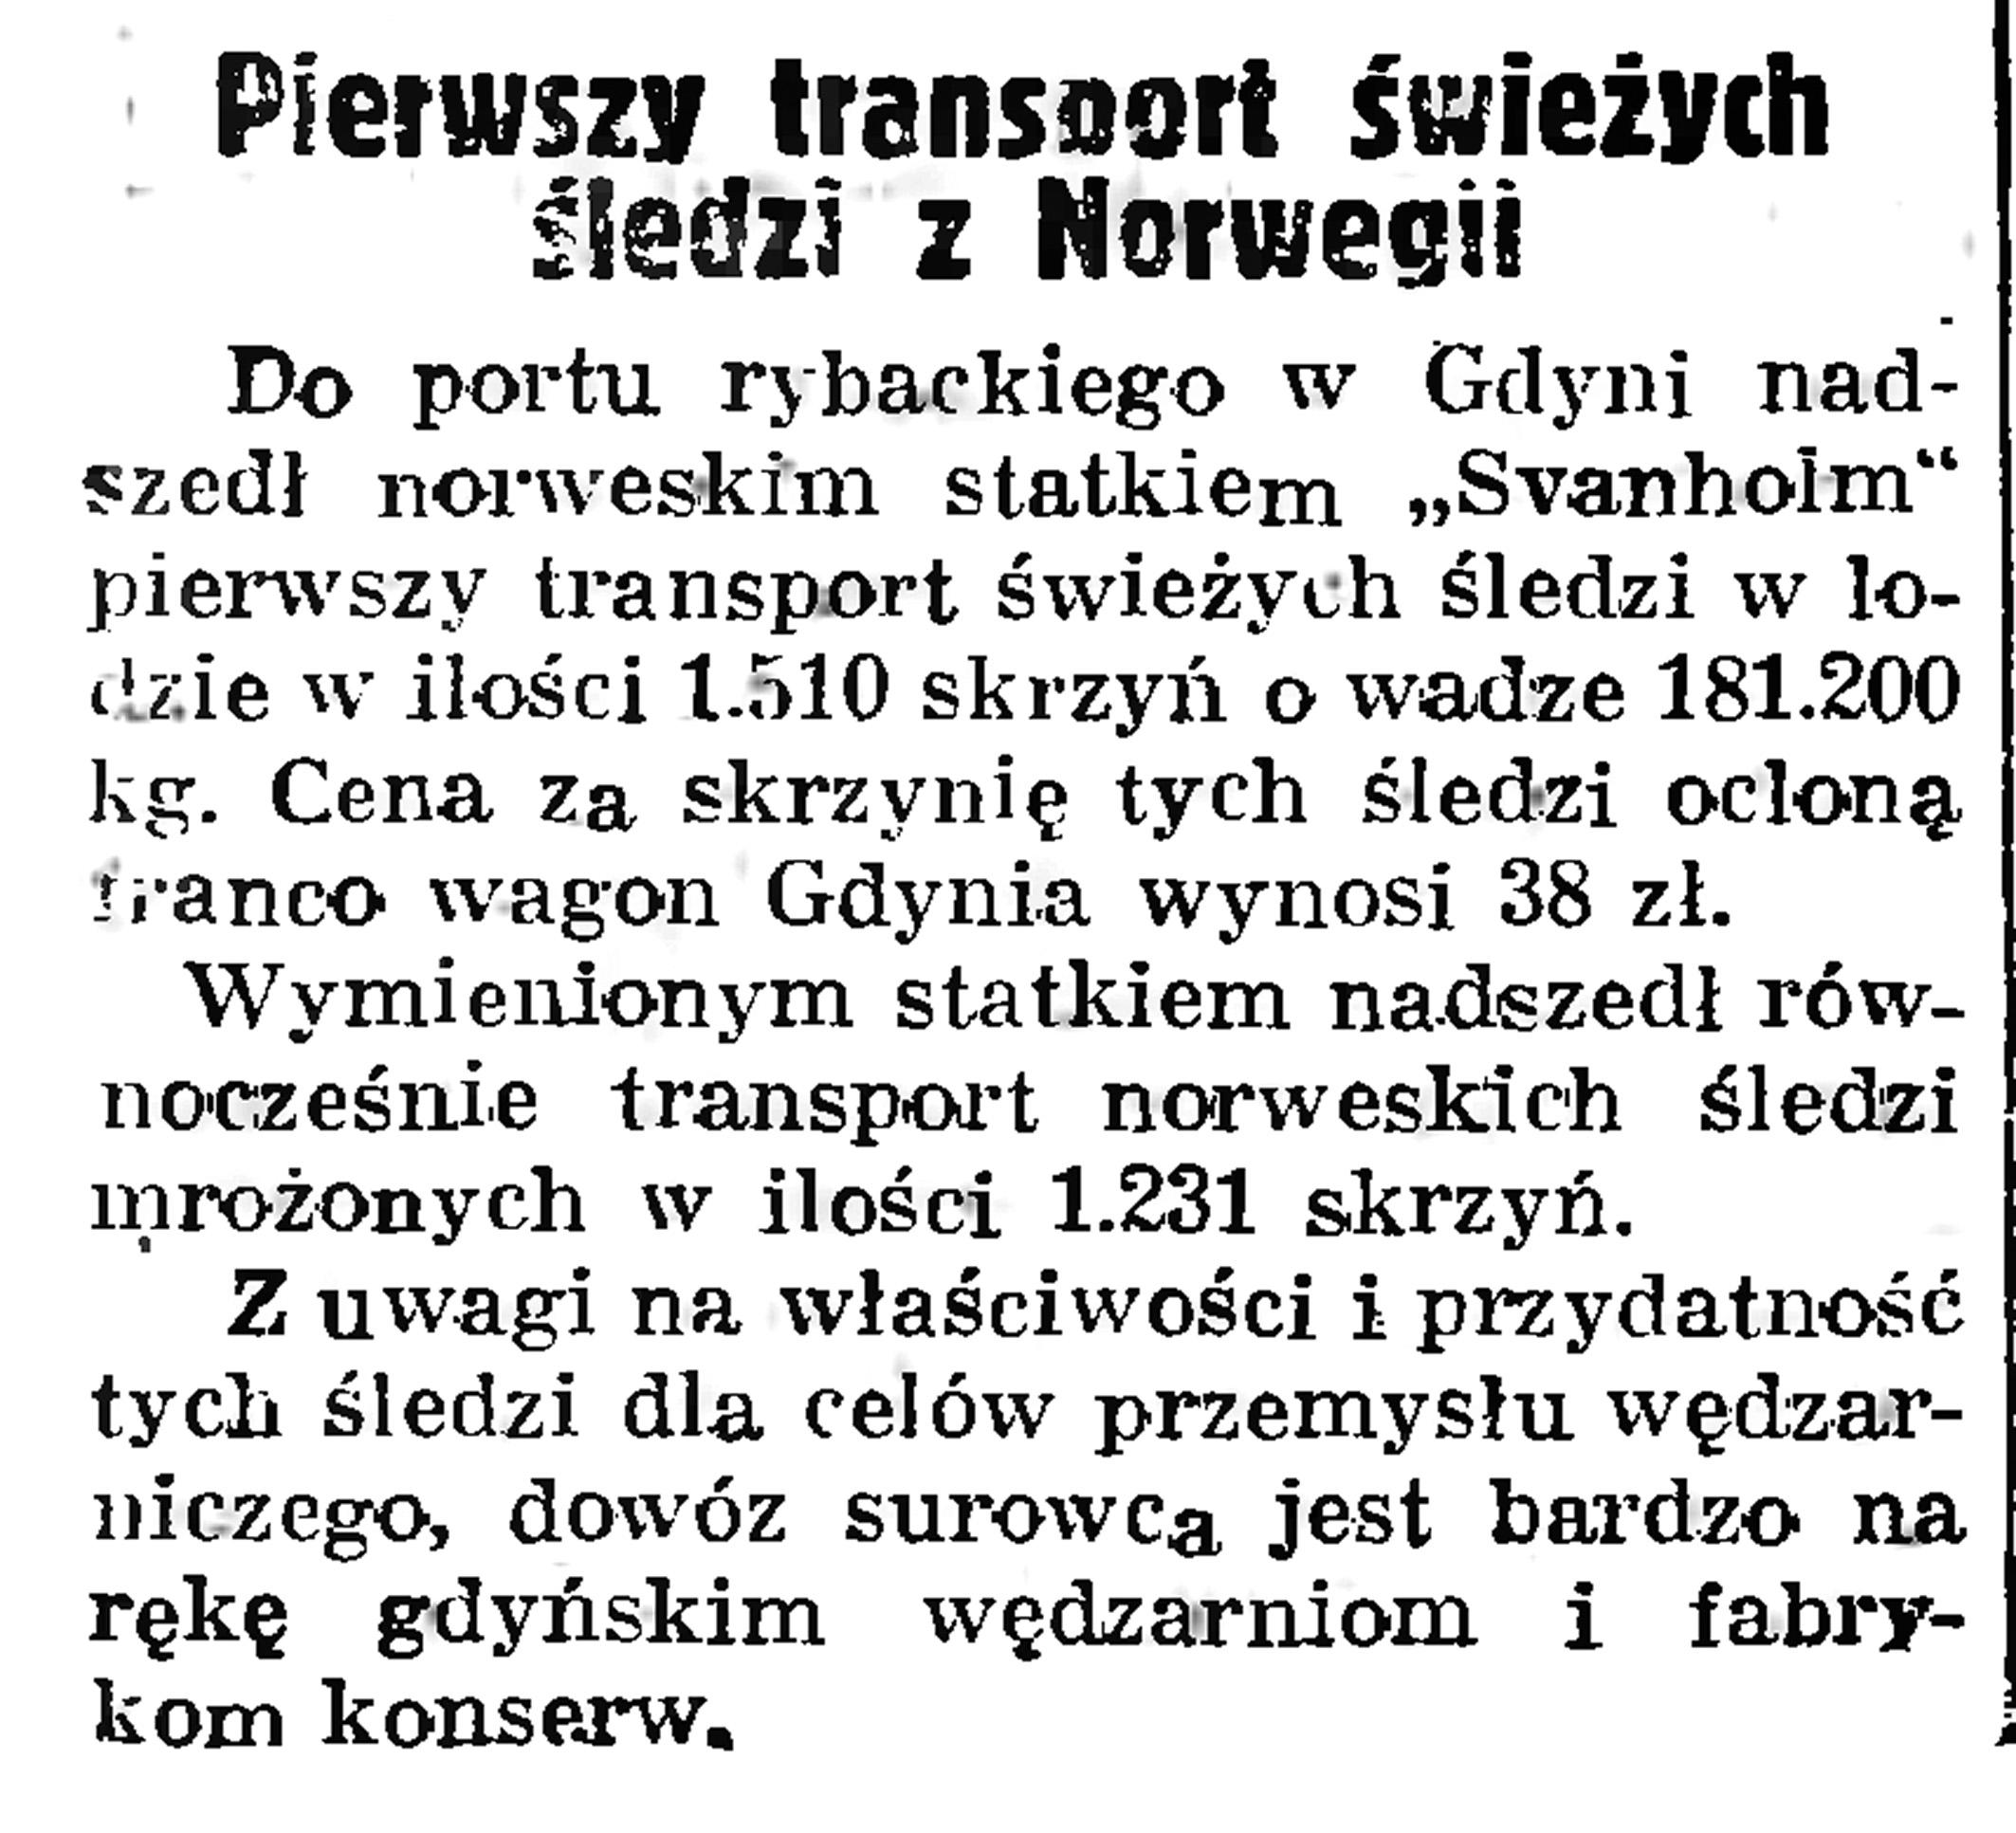 Pierwszy transport świeżych śledzi z Norwegii // Gazeta Gdańska. - 1939, nr 12, s. 12